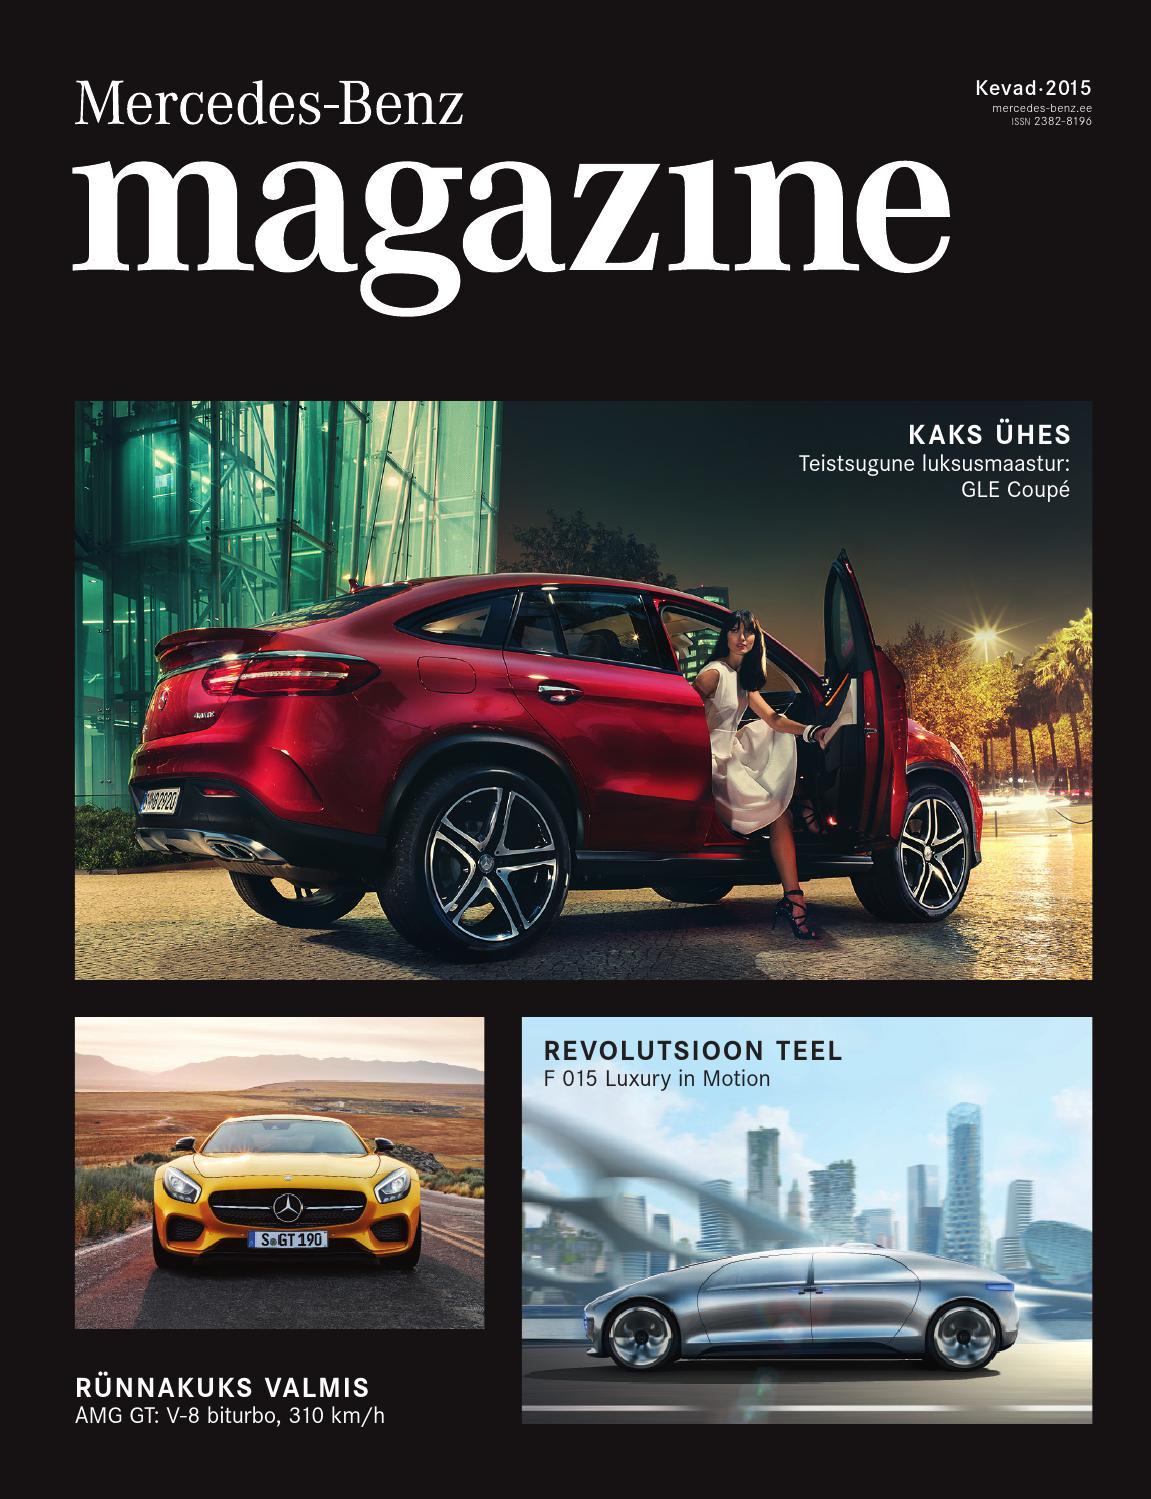 699121fc3f3 Mercedes-Benz magazine (kevad 2015) by Silberauto - issuu